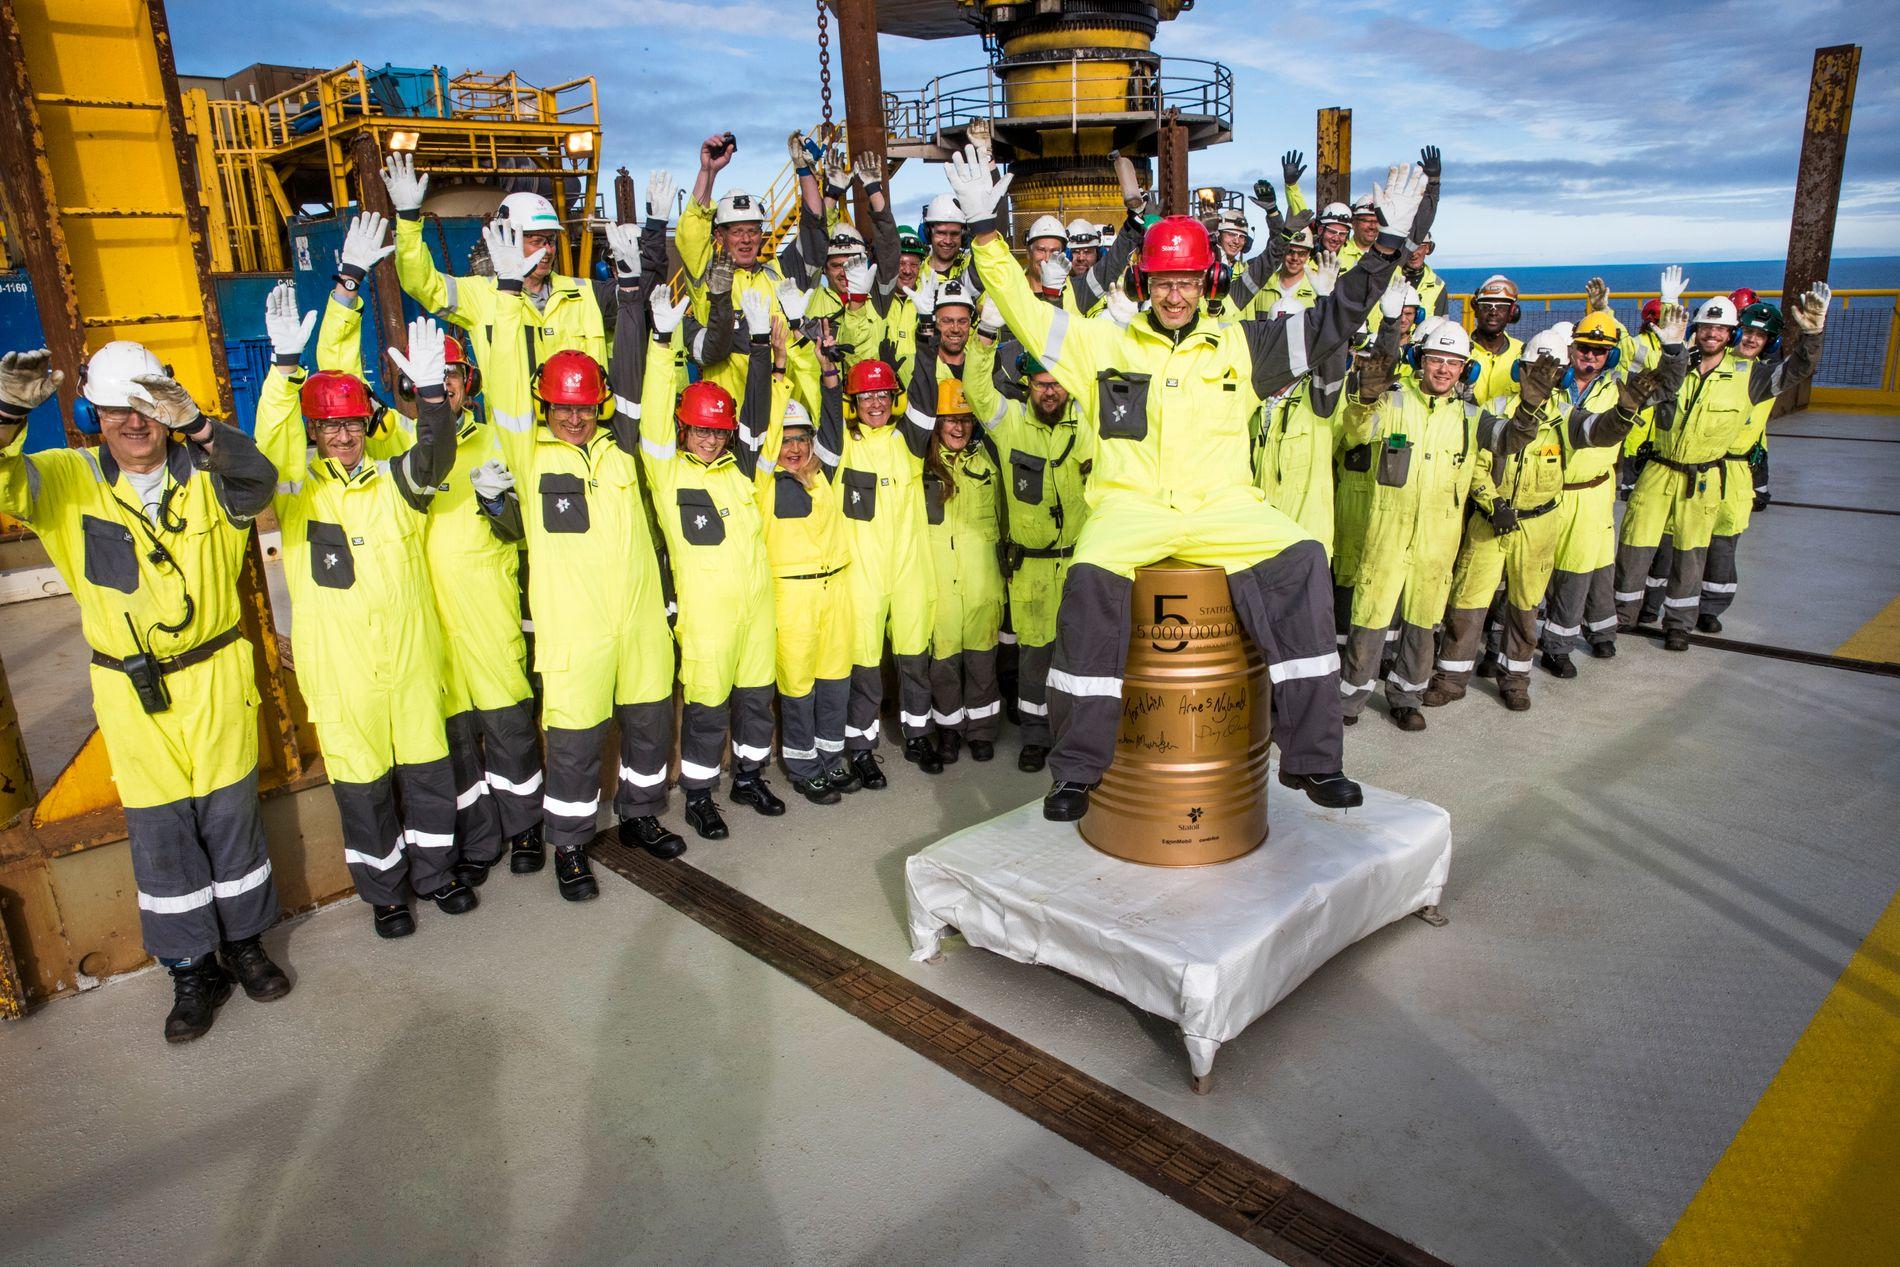 OLJEGLEDE: Statoil og Statfjord A-feltet leverte fat nummer 5 milliarder i fjor. Oljeselskapene bidrar også med gigantiske skatteinntekter, sammenlignet med alle andre sektorer.